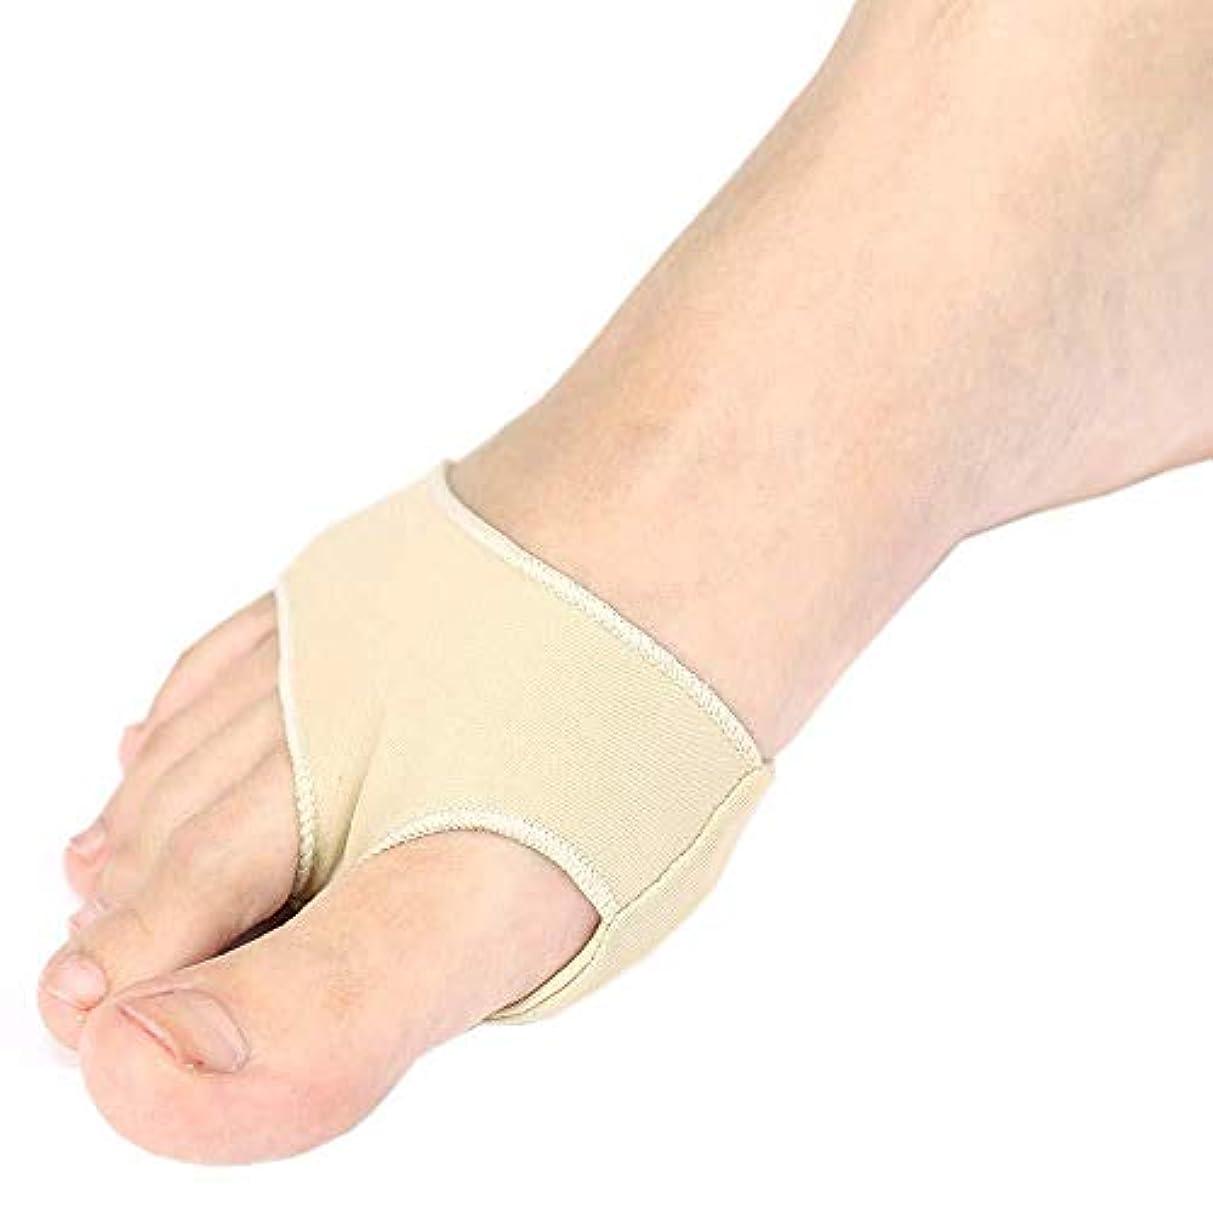 ネコスズメバチボルトつま先と外反の分離のためのつま先セパレーター、足の親指矯正器、つま先矯正器、装具つま先セパレーター,L